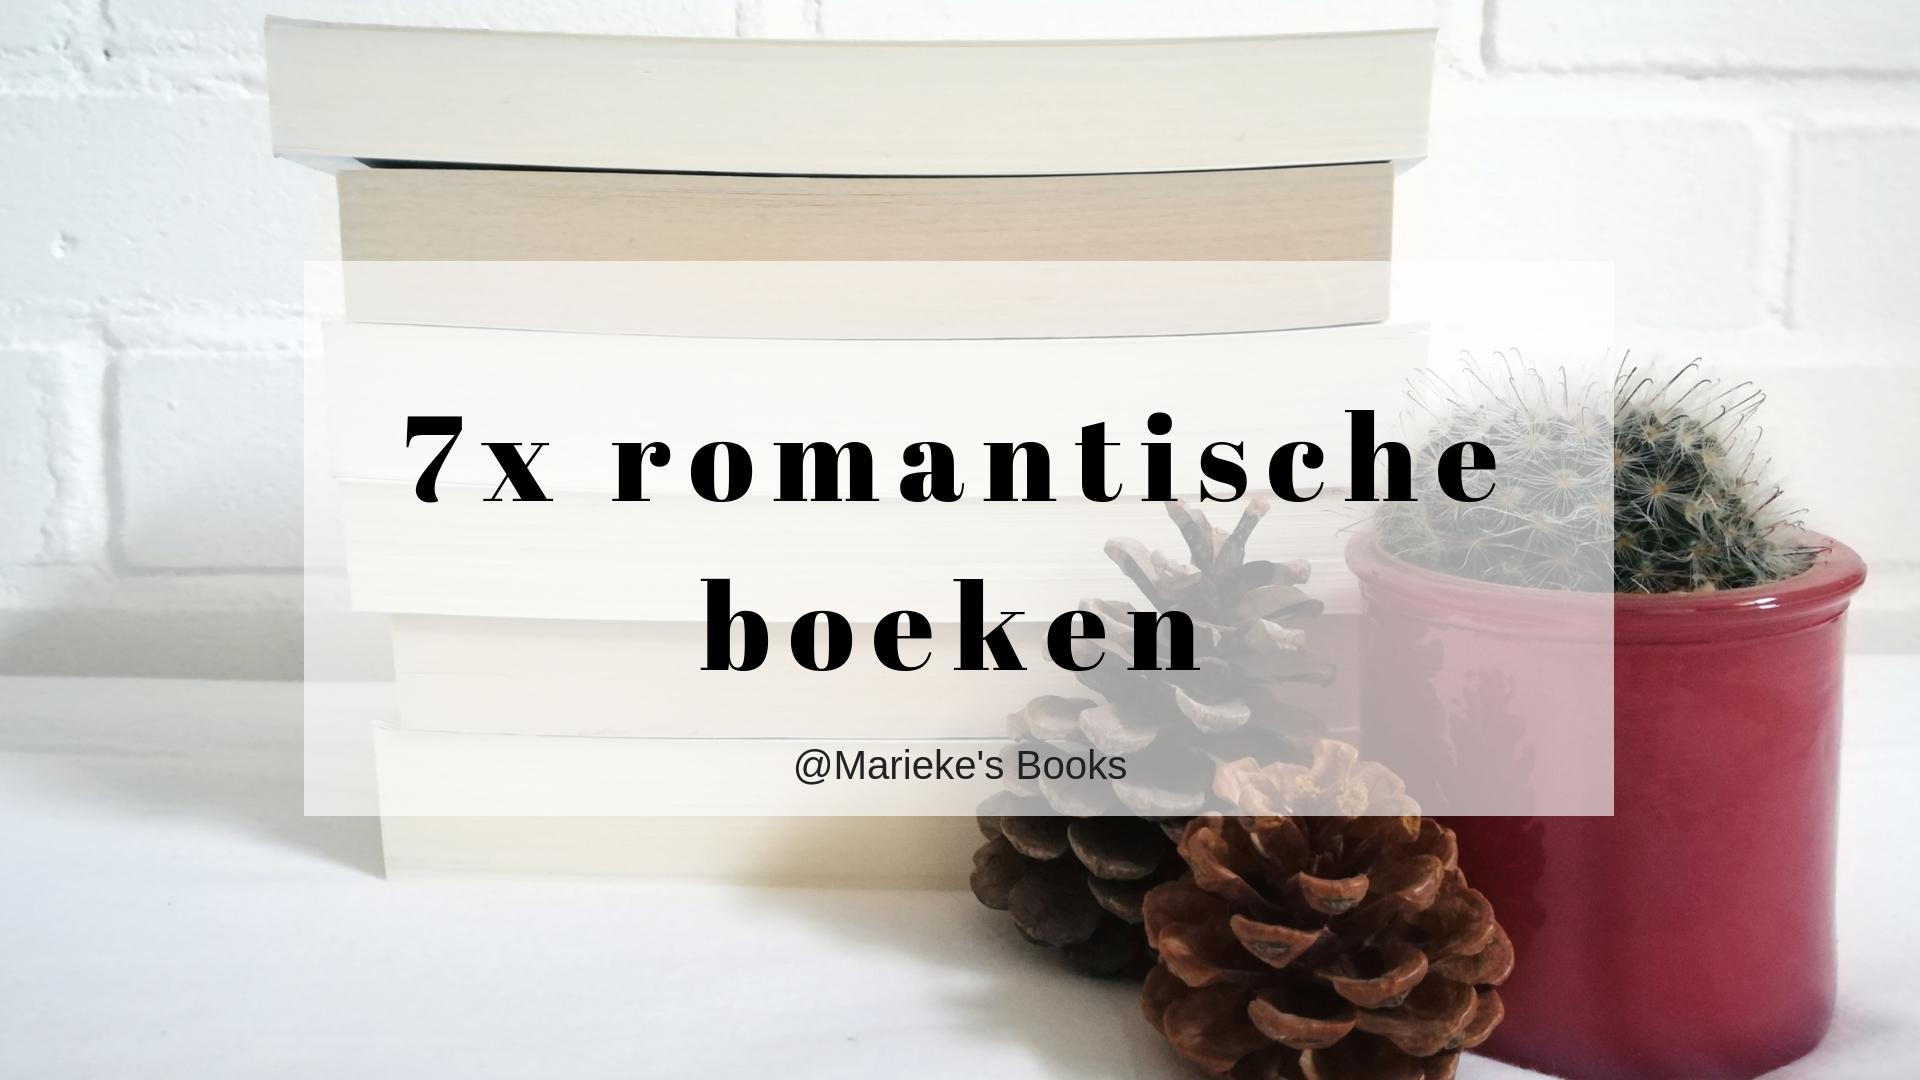 7x romantische boeken voor Valentijnsdag | Marieke's Books